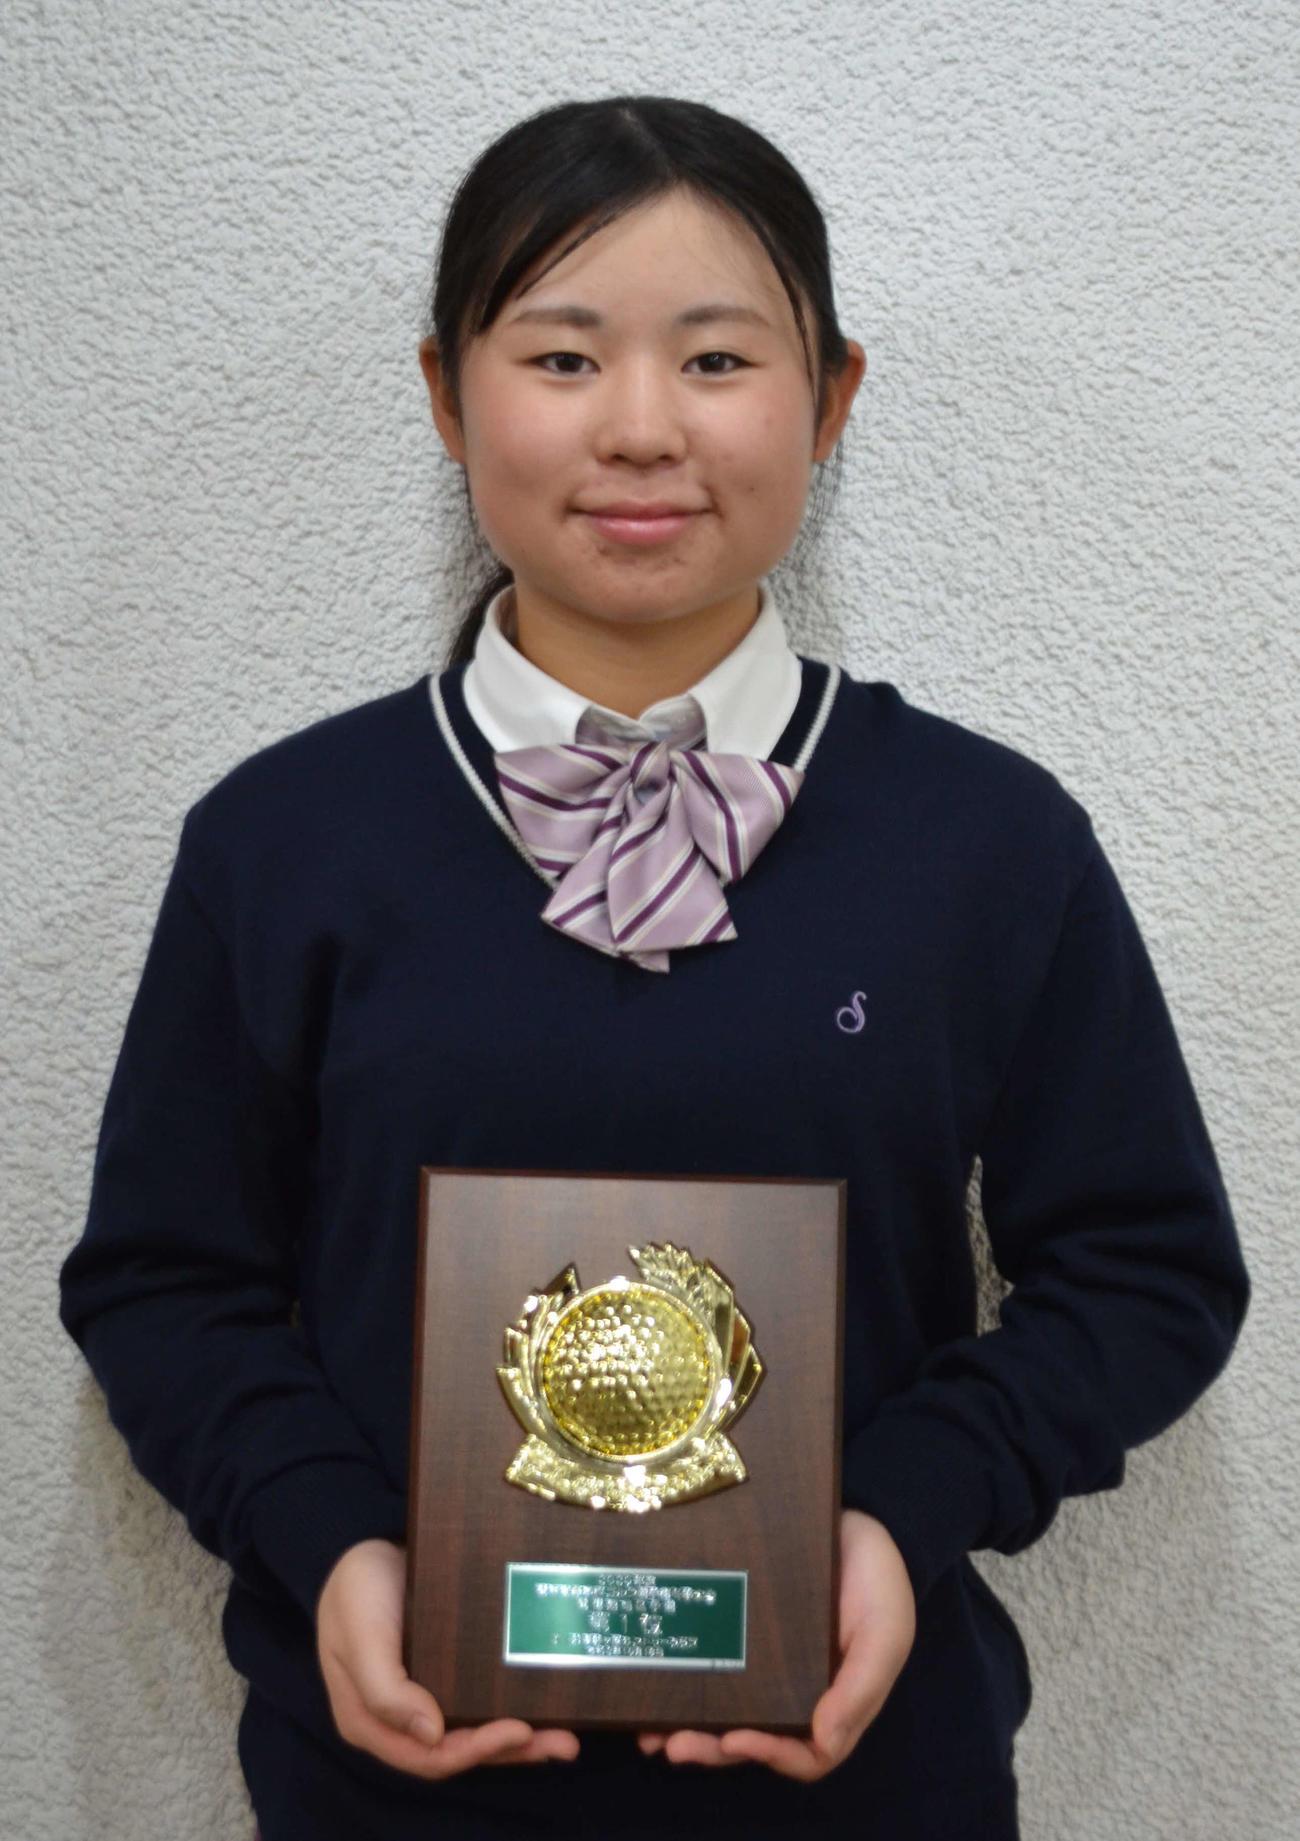 冬季大会関信越予選で個人女子優勝を果たした佐久長聖の市村(撮影・吉池彰)